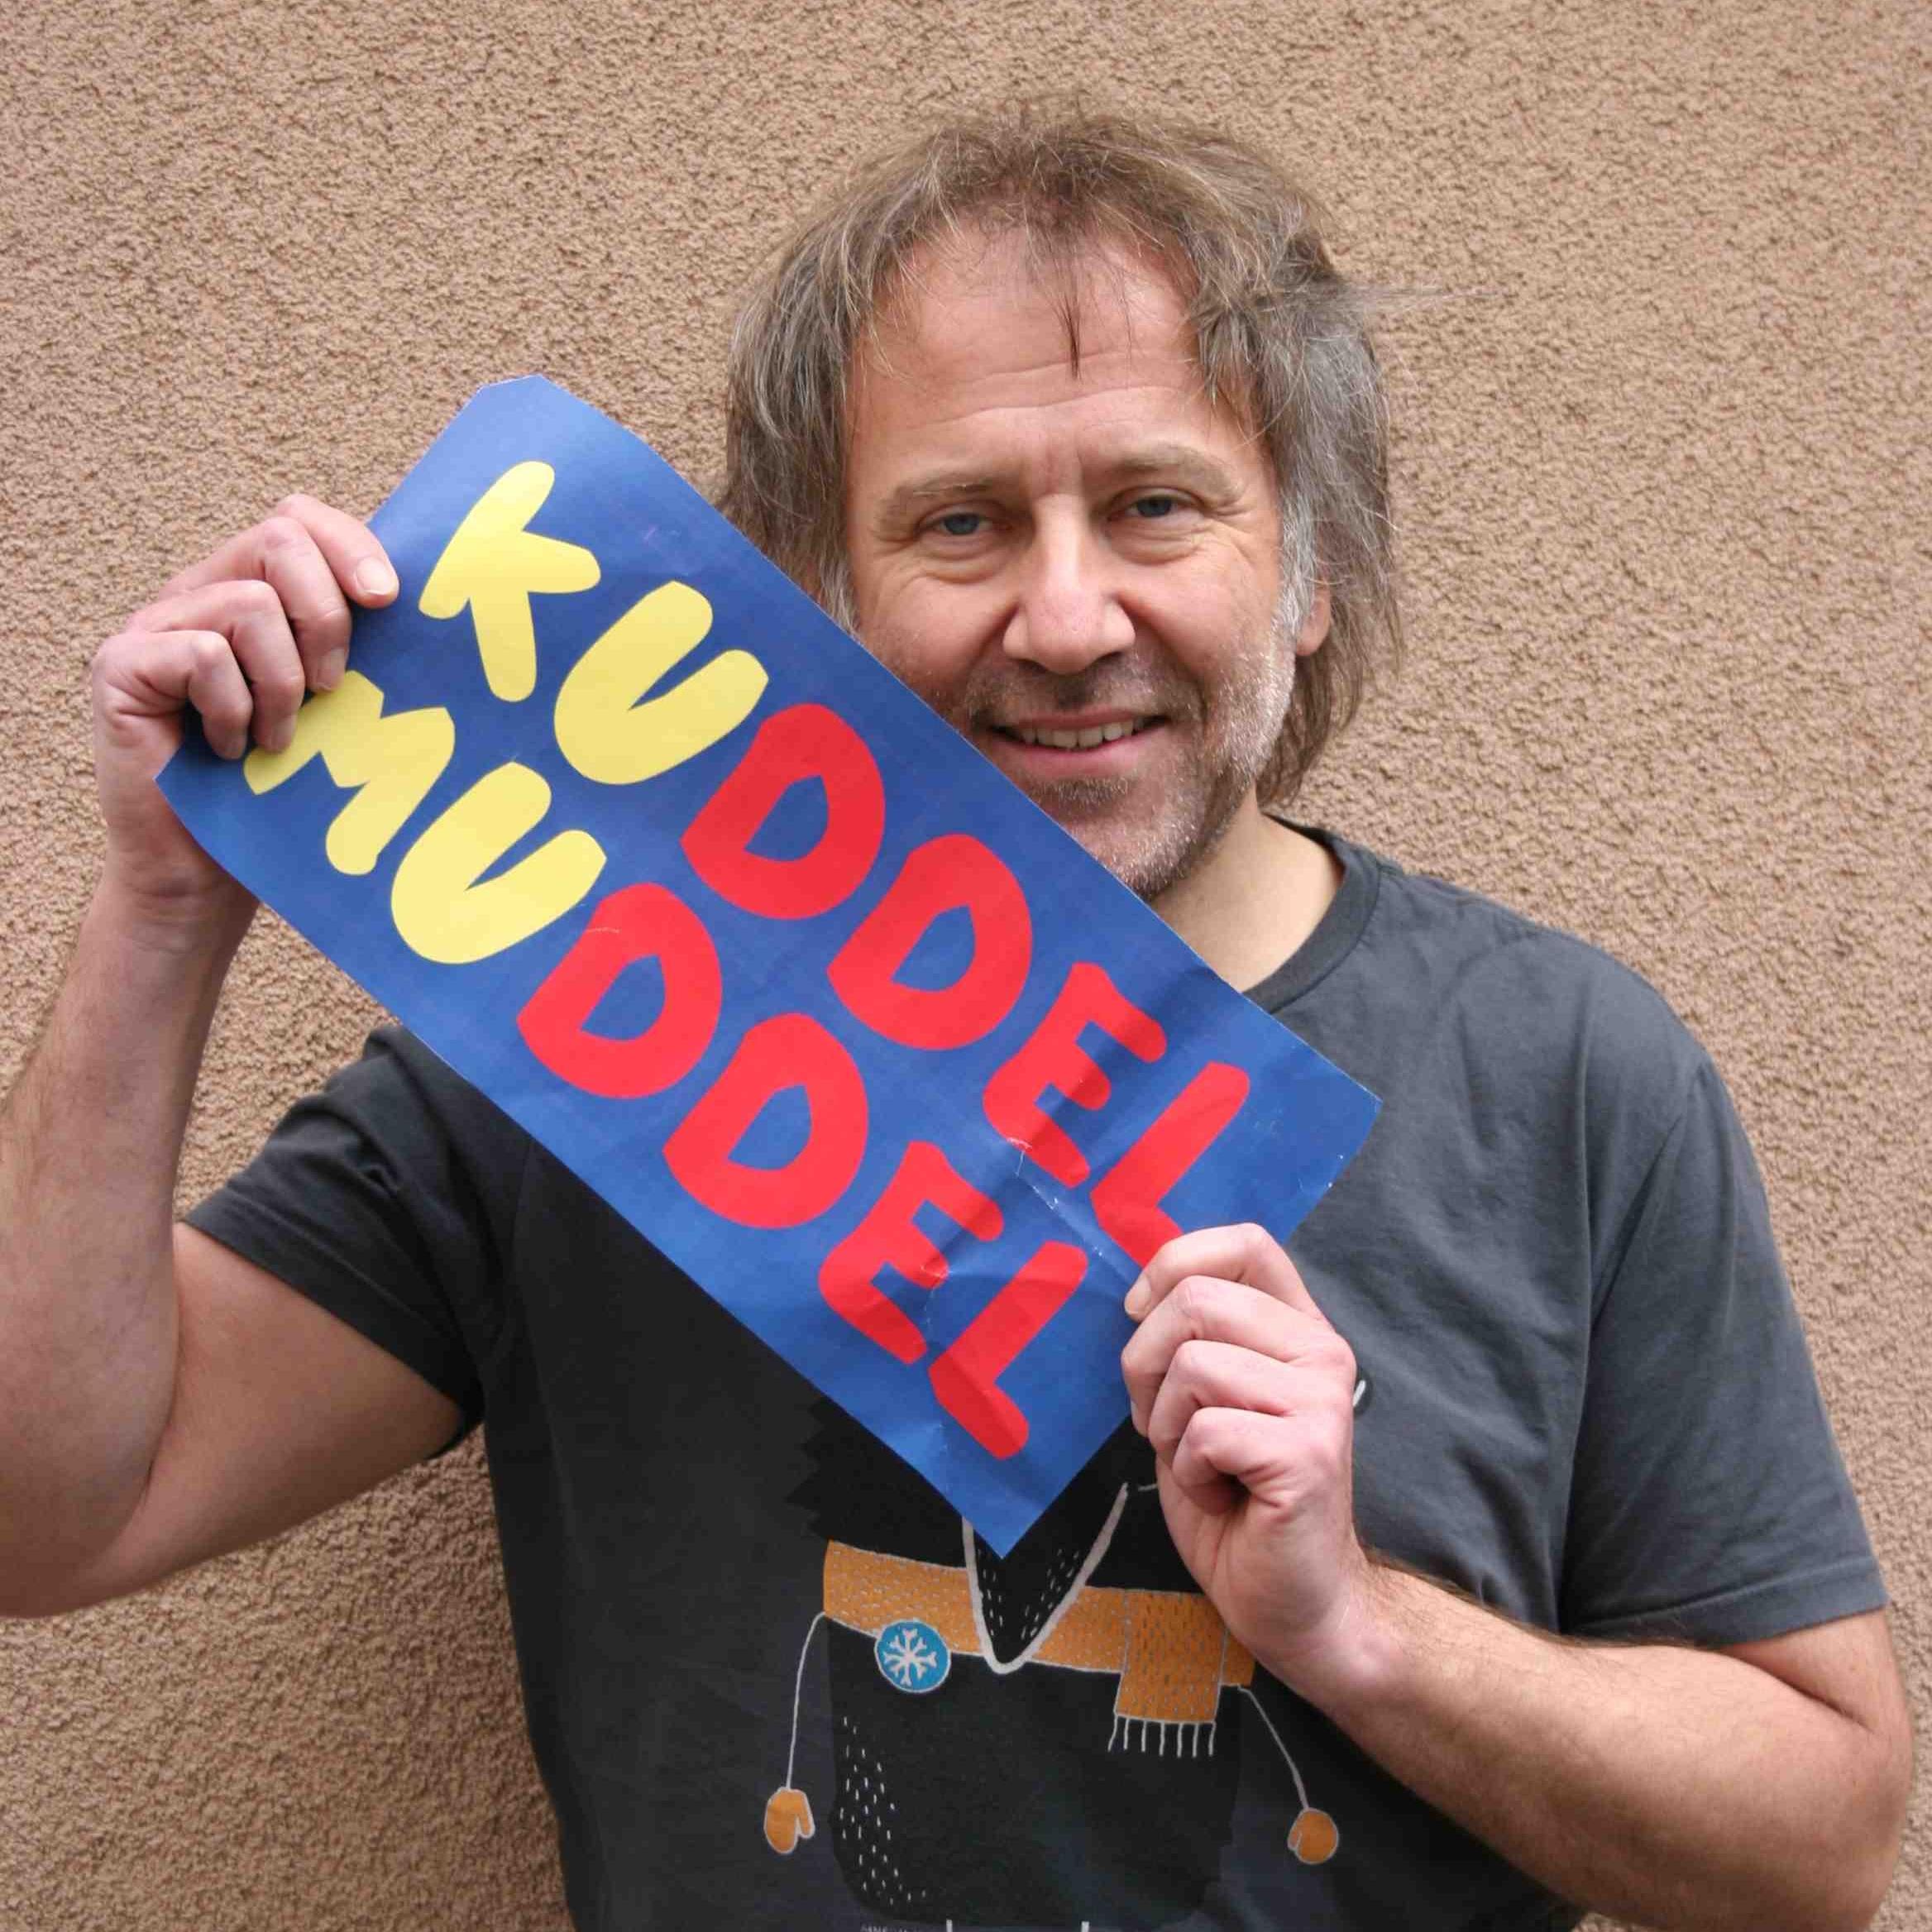 Der Leiter des Kinderkulturzentrums Kuddelmuddel, Manfred Forster. (c) LIVA/Kuddelmuddel